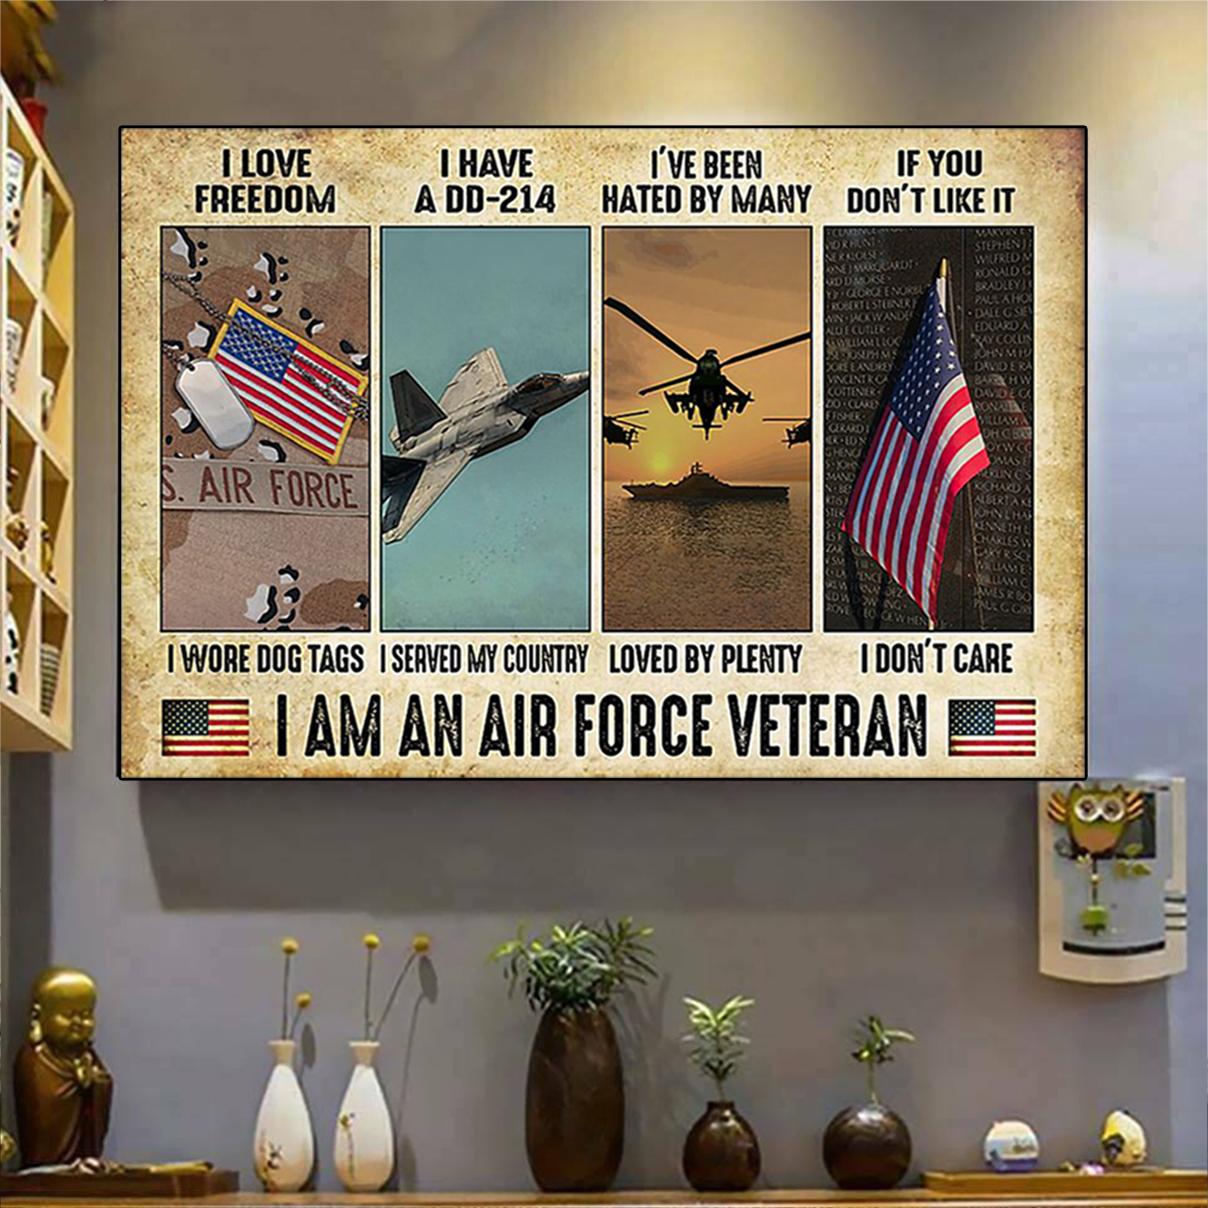 I am an air force veteran poster A2